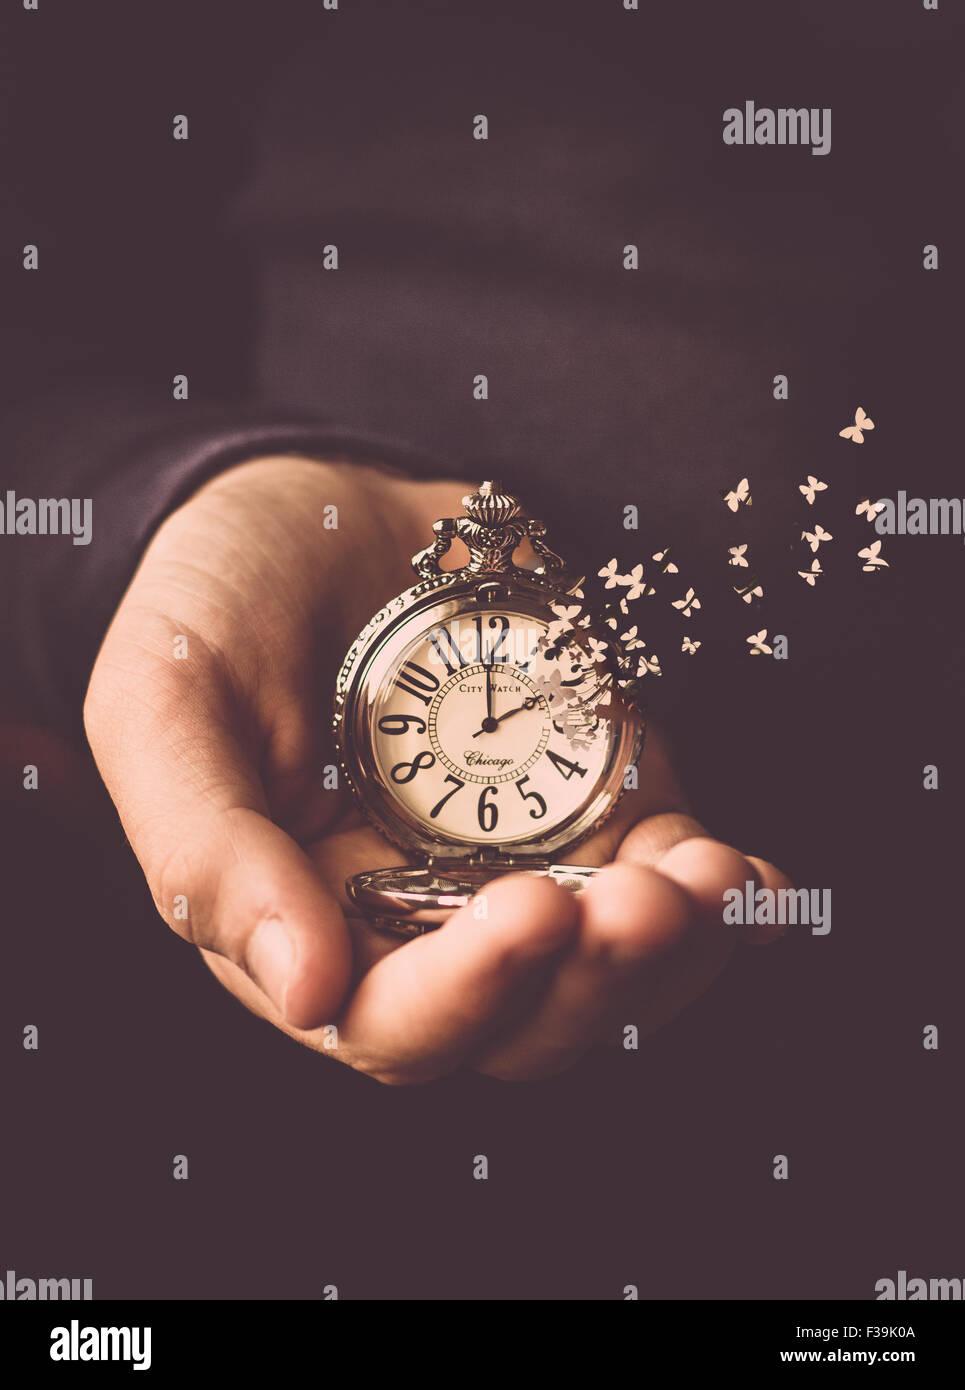 Homme tenant une montre dans sa main avec le temps de s'envoler l'horloge comme des papillons Photo Stock